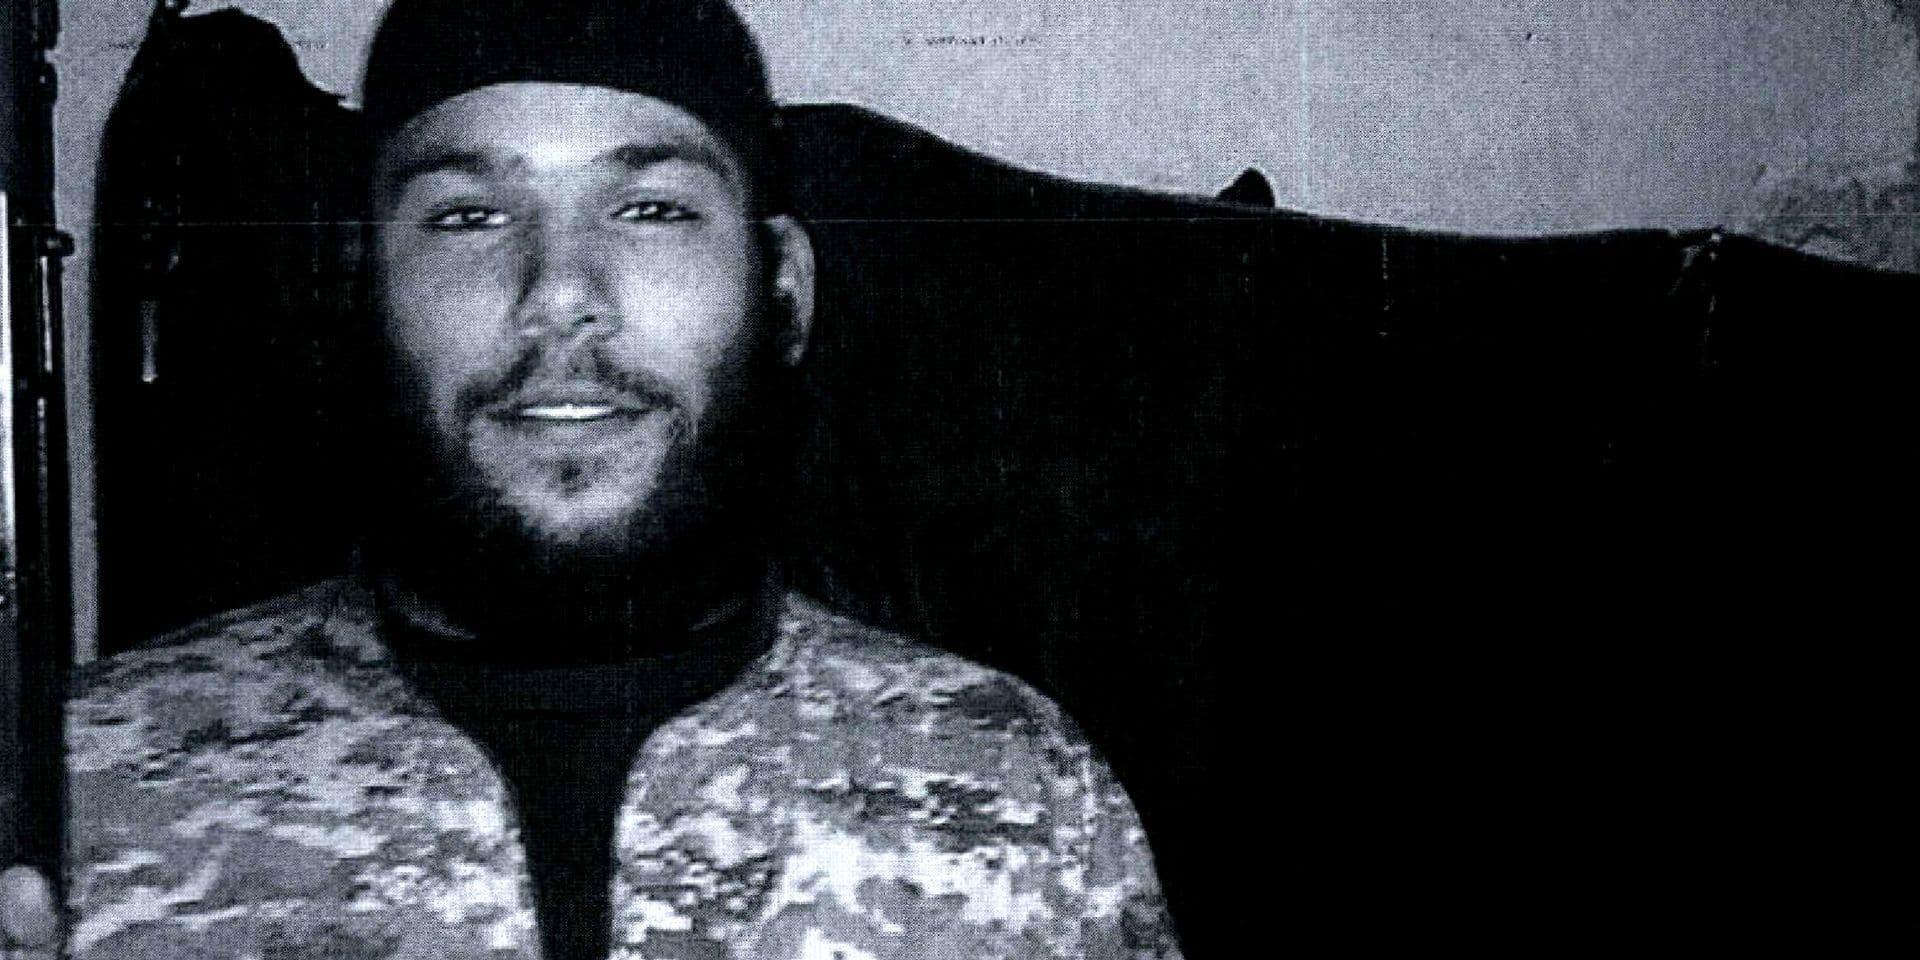 L'itinéraire glaçant d'Osama Krayem, l'homme qui devait exploser dans la station Maelbeek